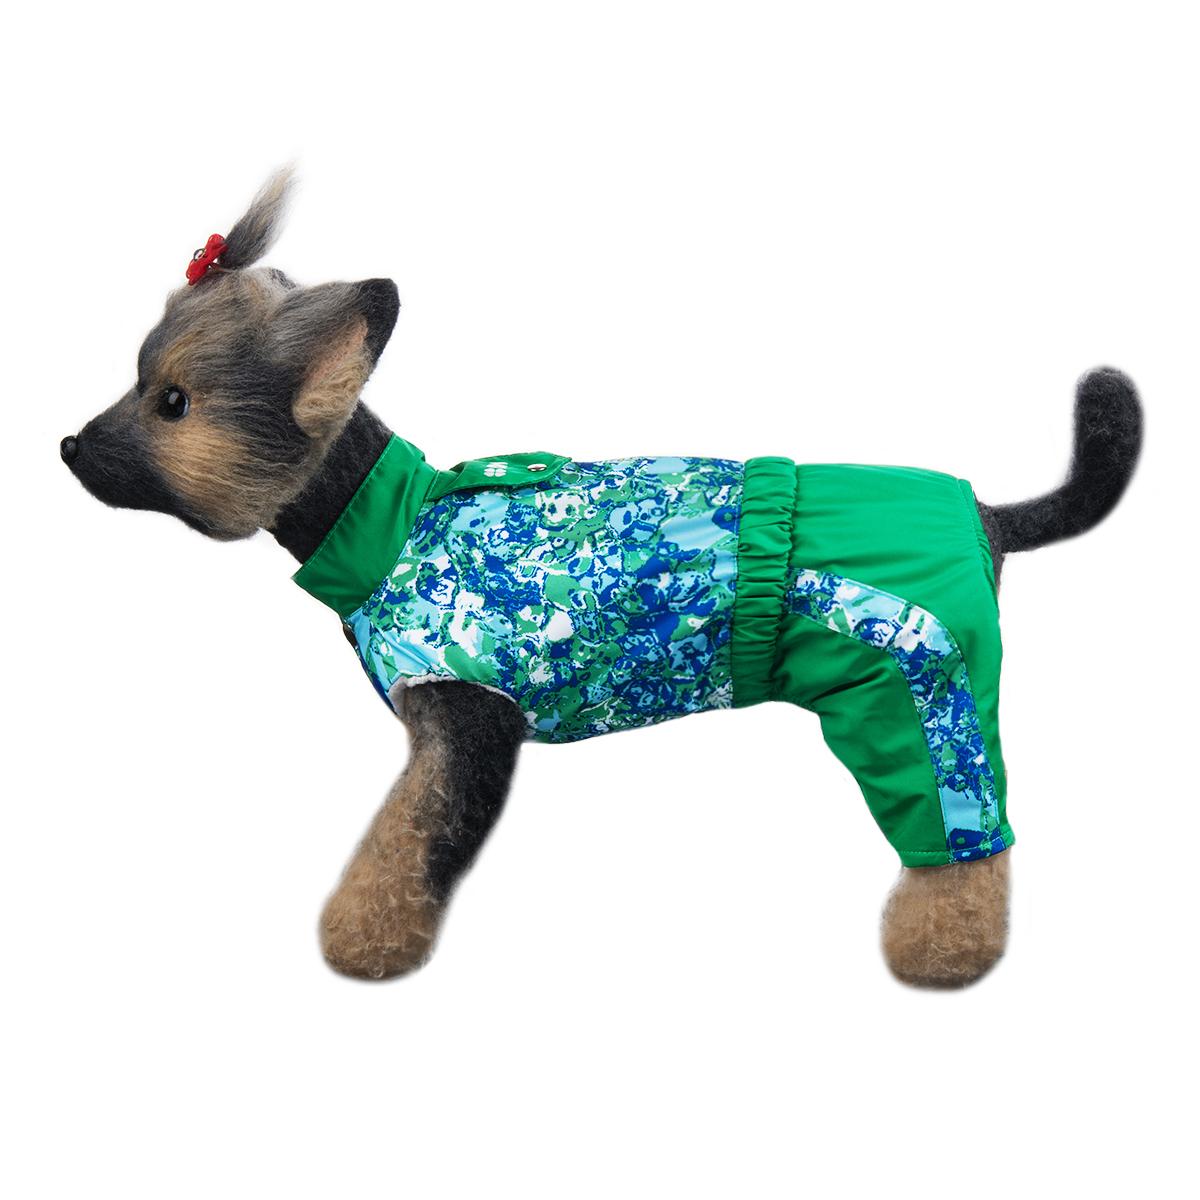 Комбинезон для собак Dogmoda Грин, унисекс, цвет: зеленый, синий, белый. Размер 4 (XL) комбинезон для собак dogmoda грин унисекс цвет зеленый синий белый размер 4 xl